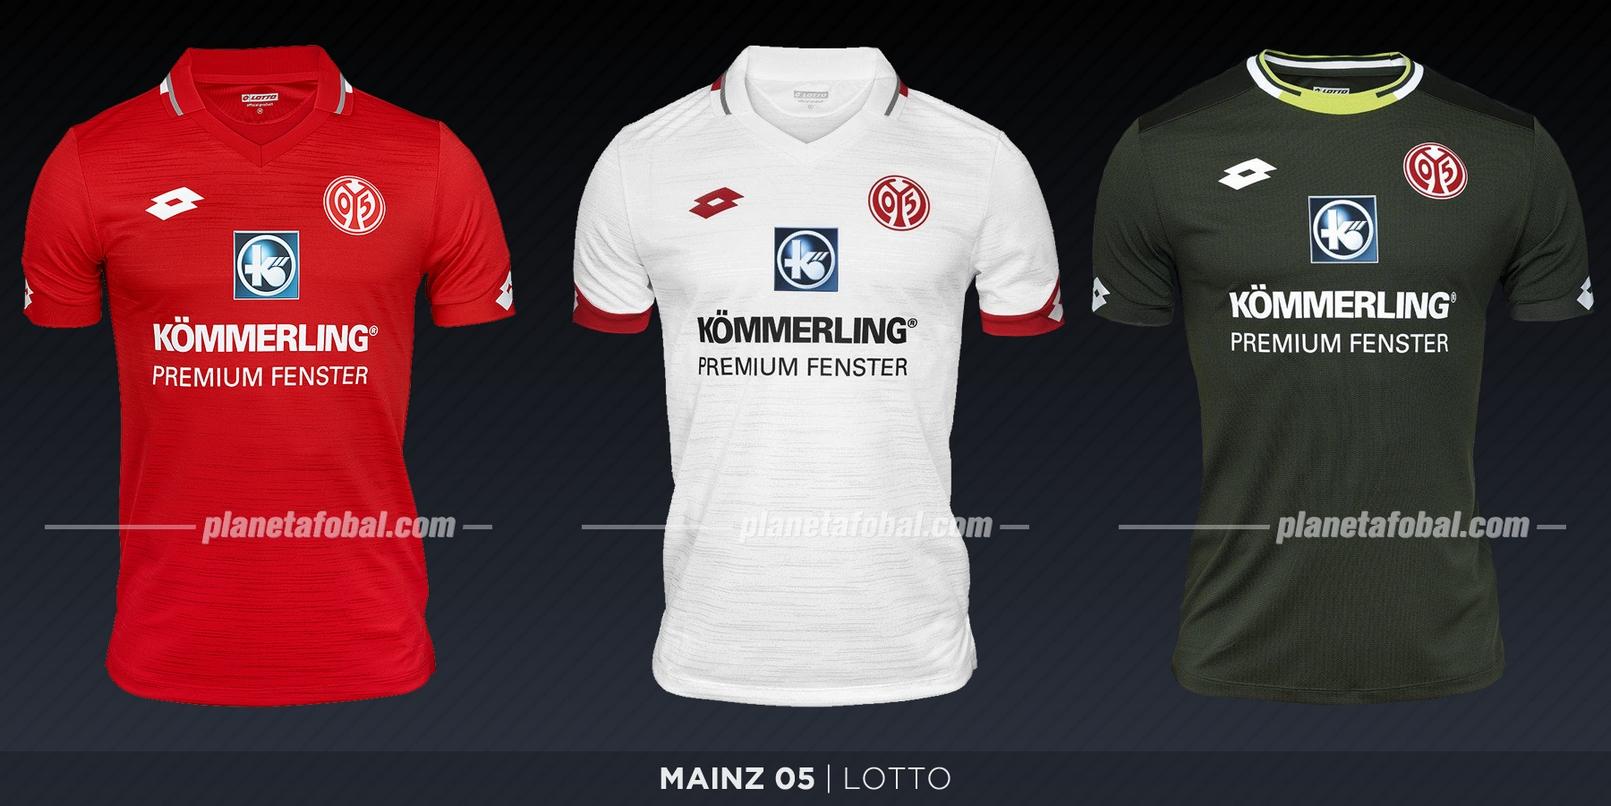 Mainz 05 (Lotto) | Camisetas de la Bundesliga 2019-2020